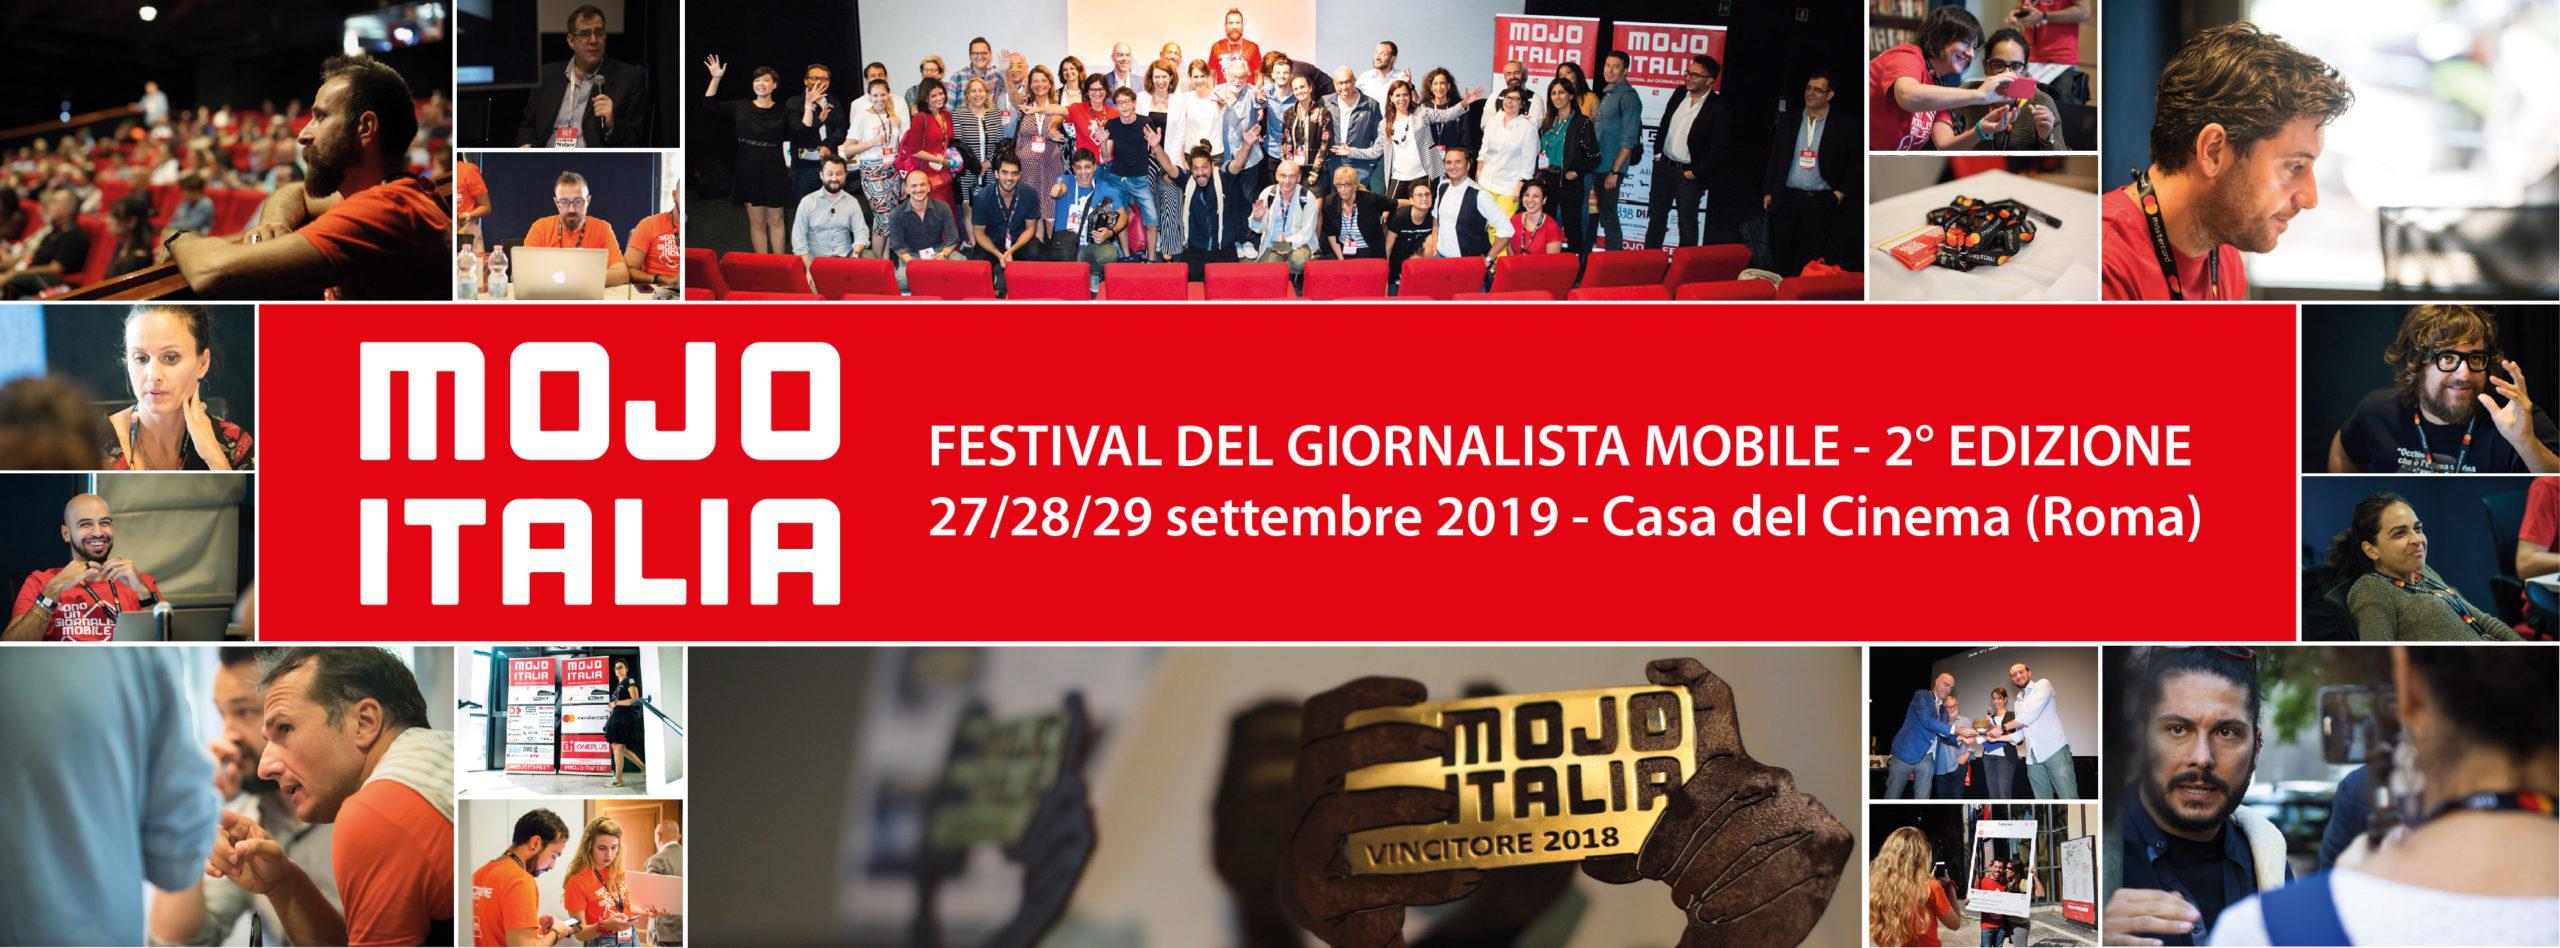 IL MIO INTERVENTO AL MOJO ITALIA FESTIVAL 2019